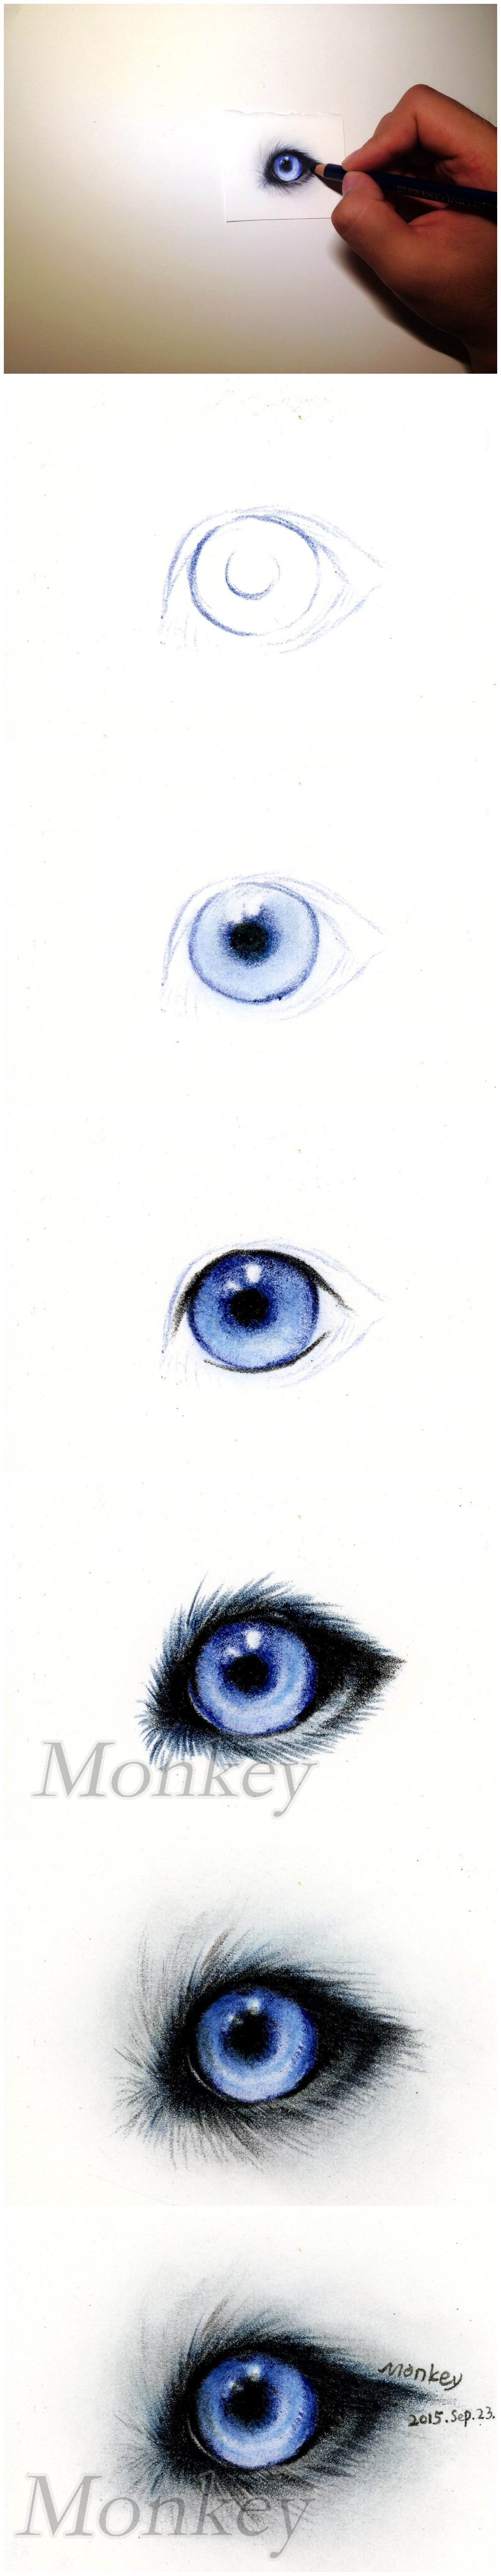 哈士奇眼睛教程|纯艺术|彩铅|王俊宇monkey - 原创